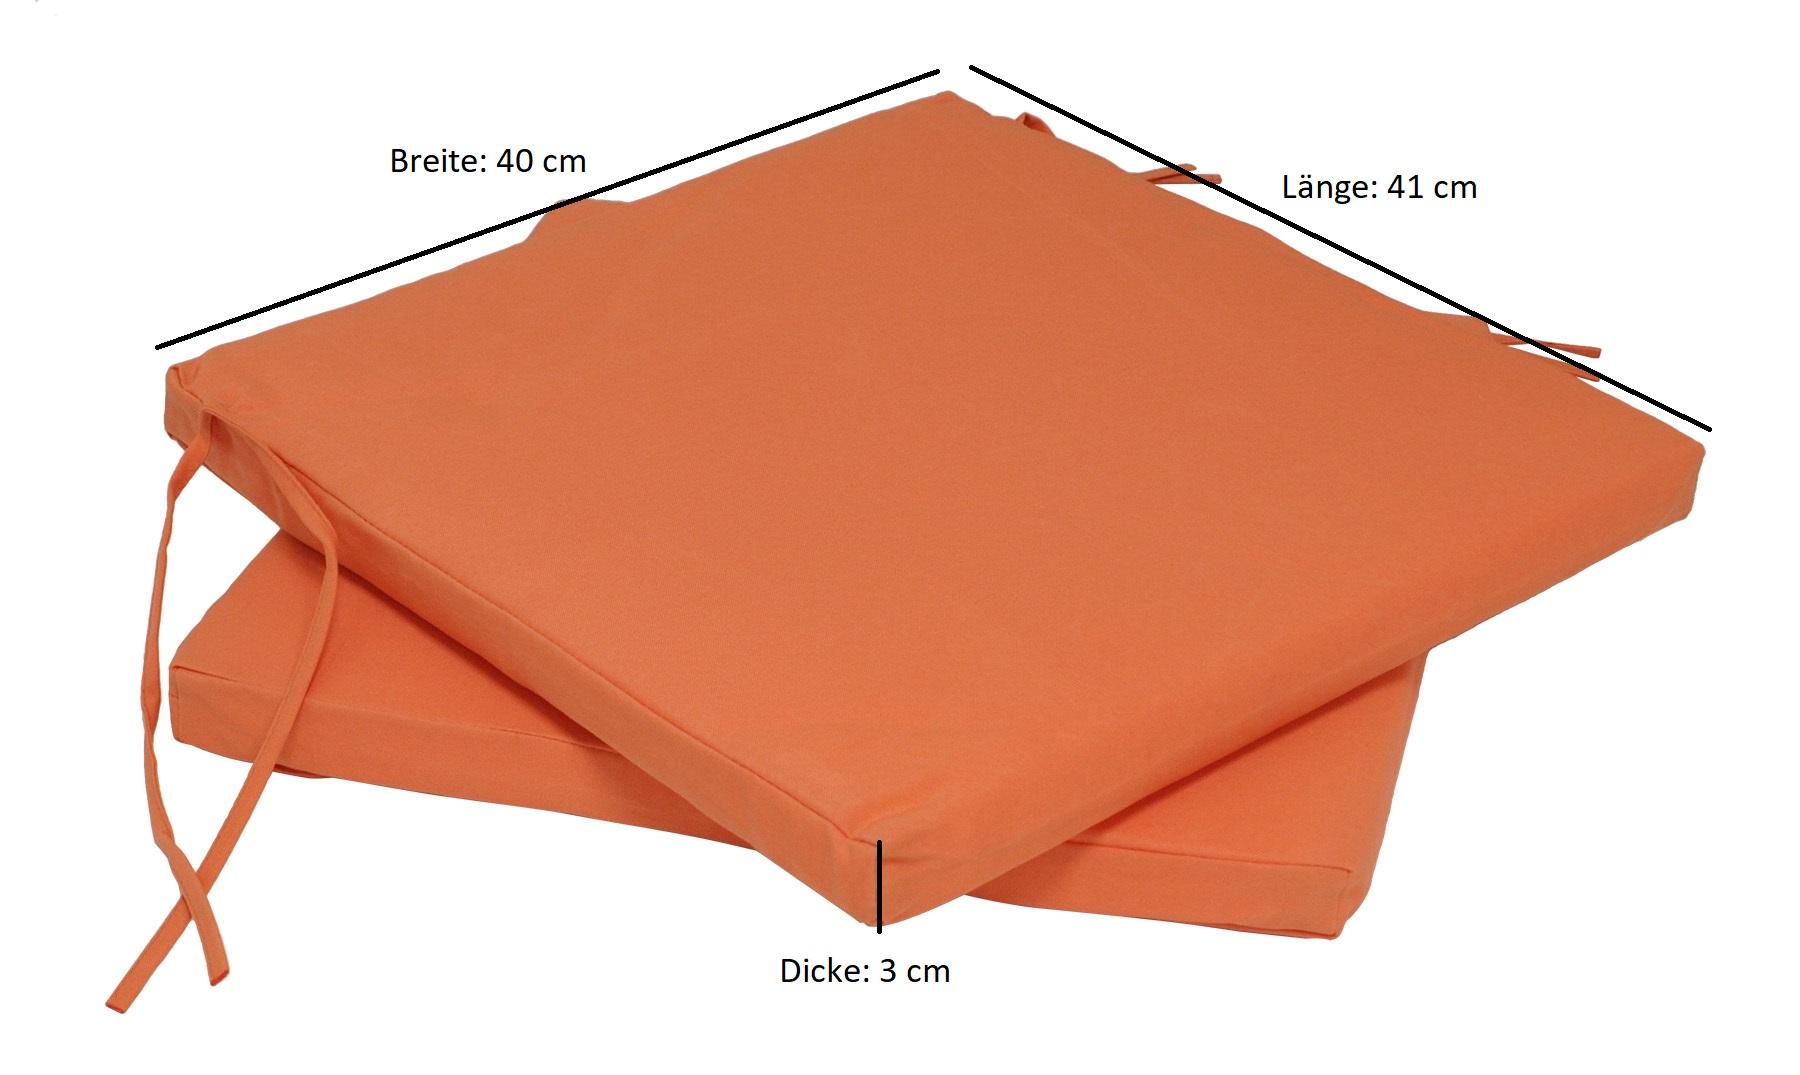 Sitzkissen 41x40cm für BAD TÖLZ, terracotta, 2 Stück